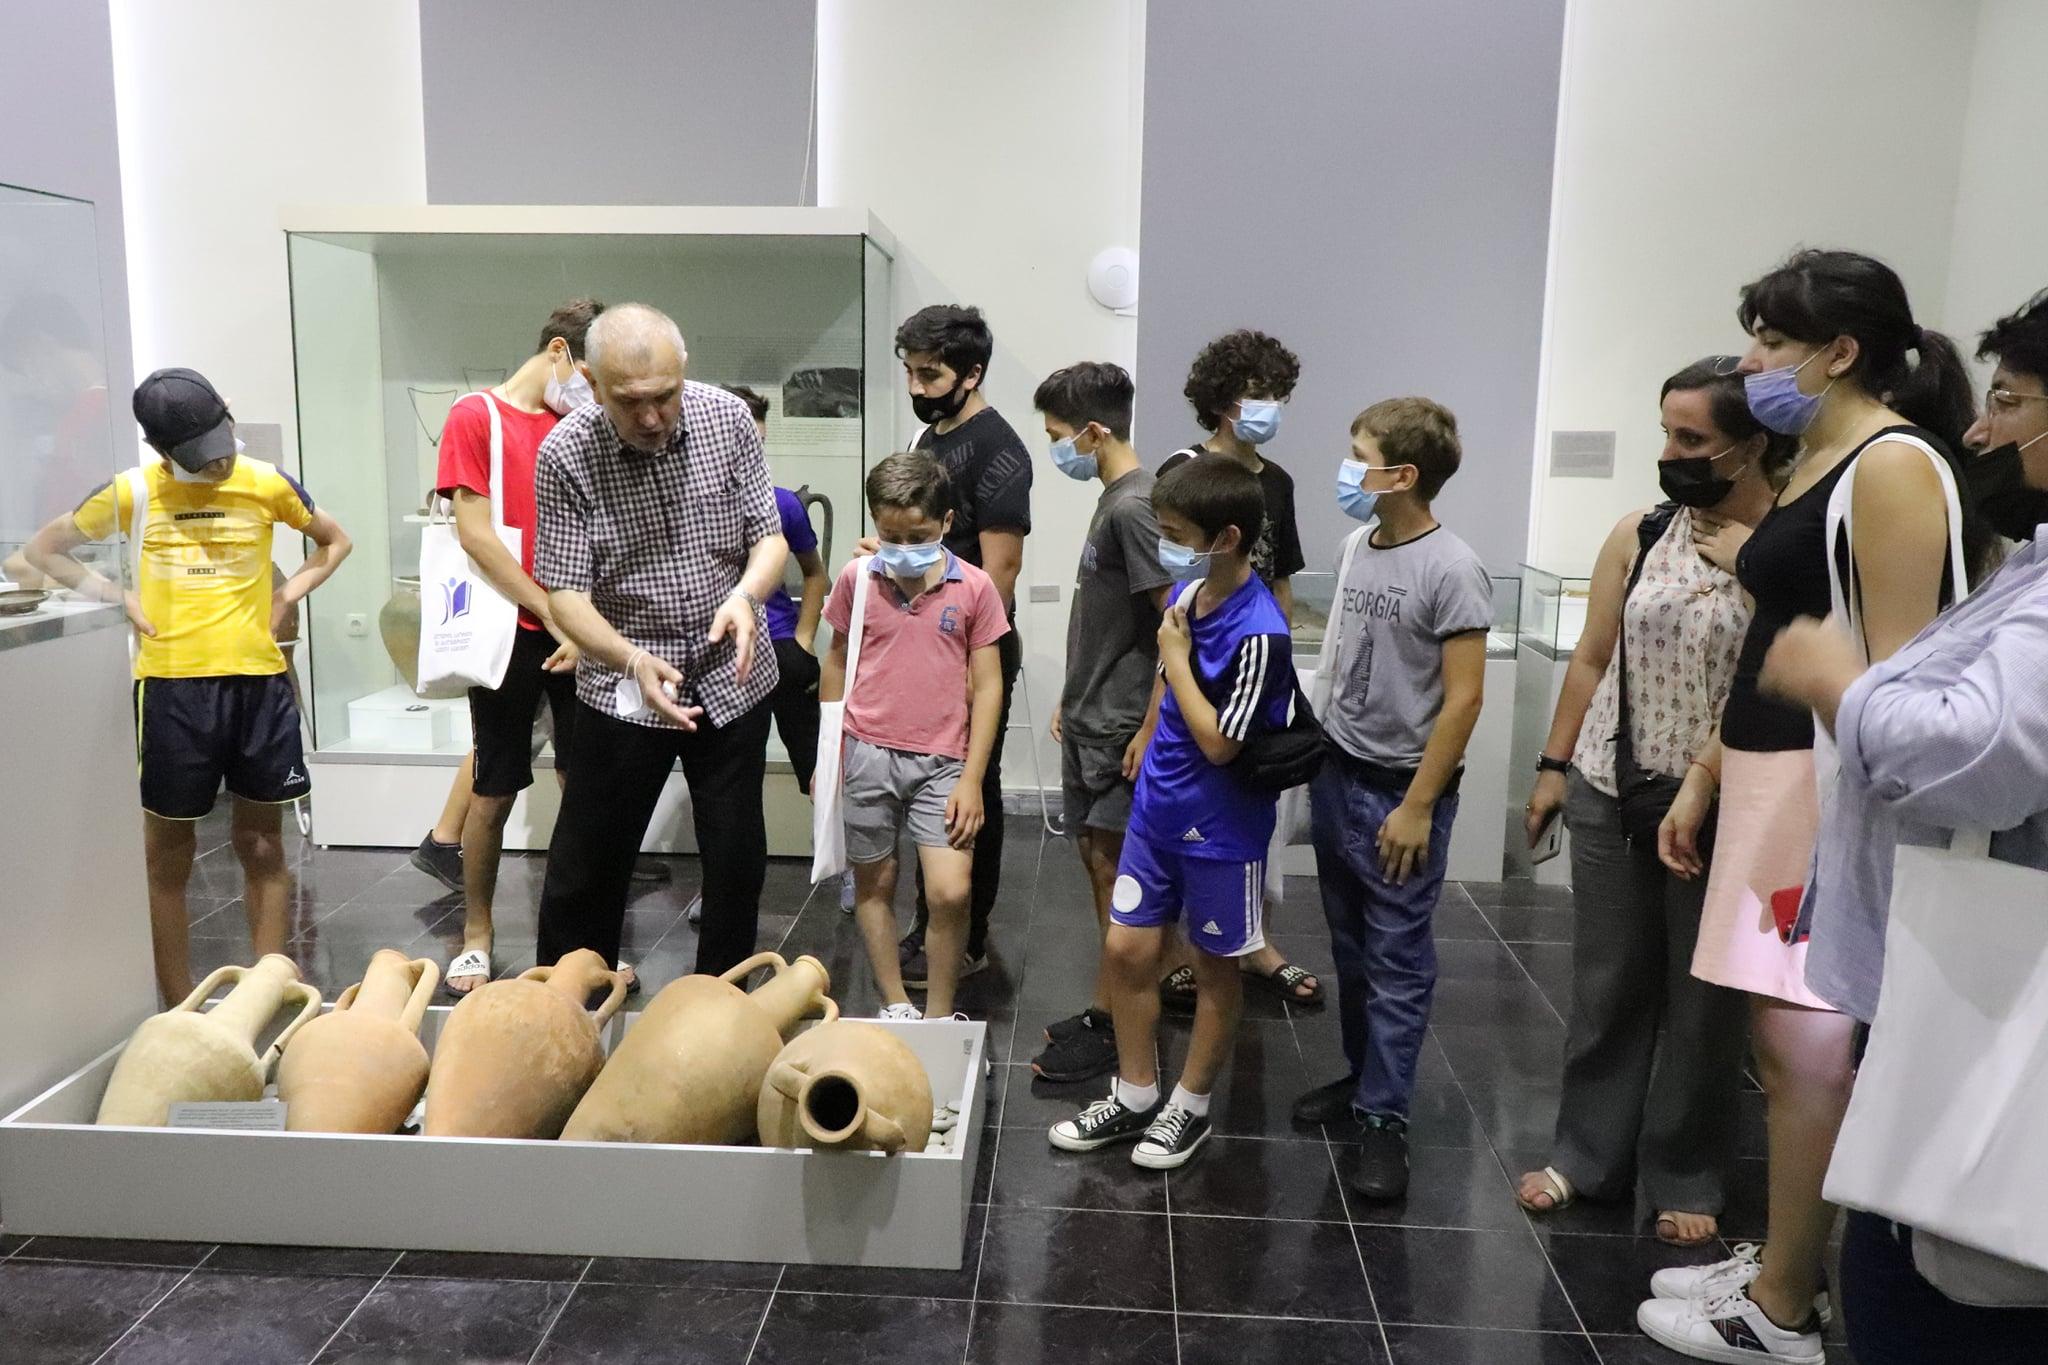 აჭარის ხარიტონ ახვლედიანის სახელობის მუზეუმმა აფხაზეთიდან დევნილ ახალგაზრდებს უმასპინძლა